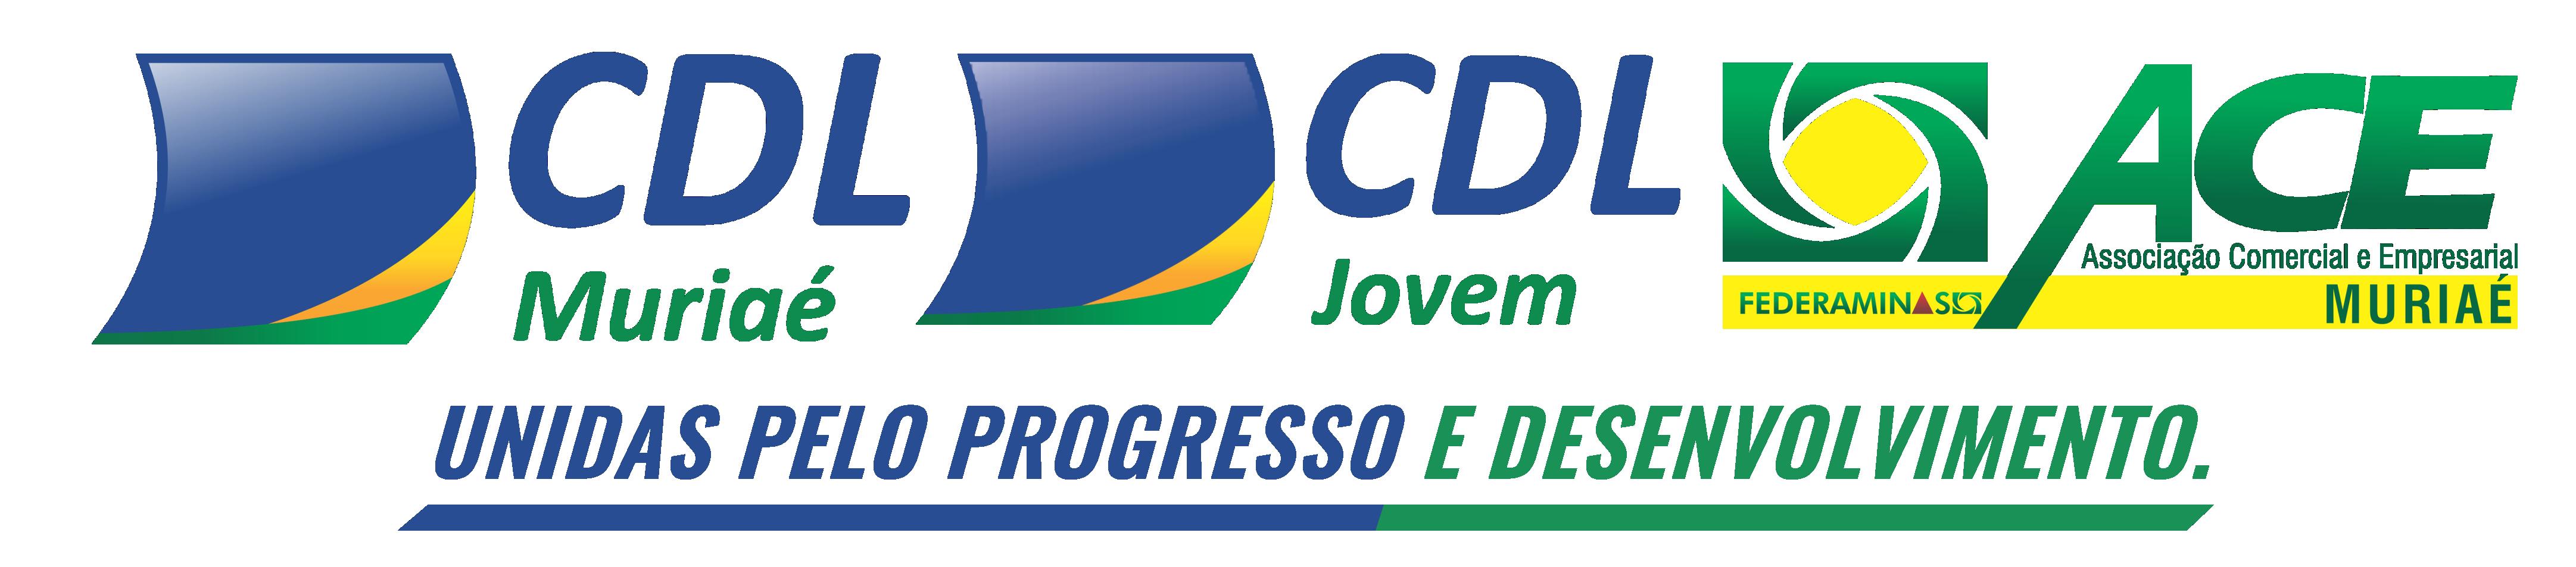 CDL Muriaé